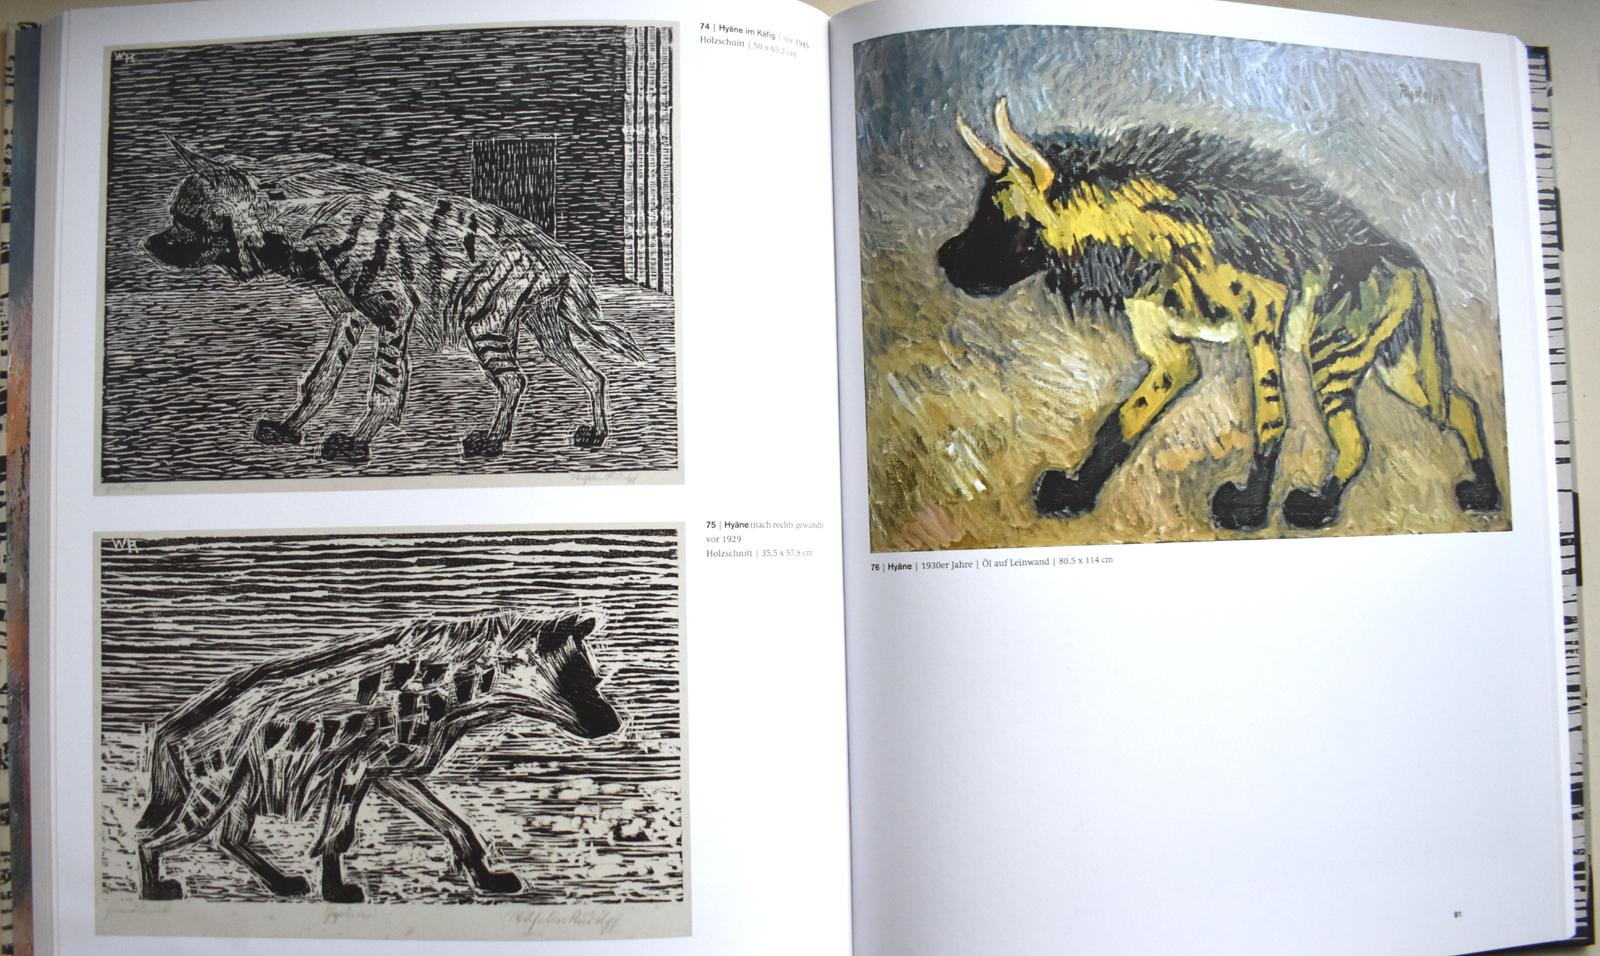 Wilhelm Rudolph. Das Phantastische ist die Wirklichkeit. Malerei und Holzschnitte.